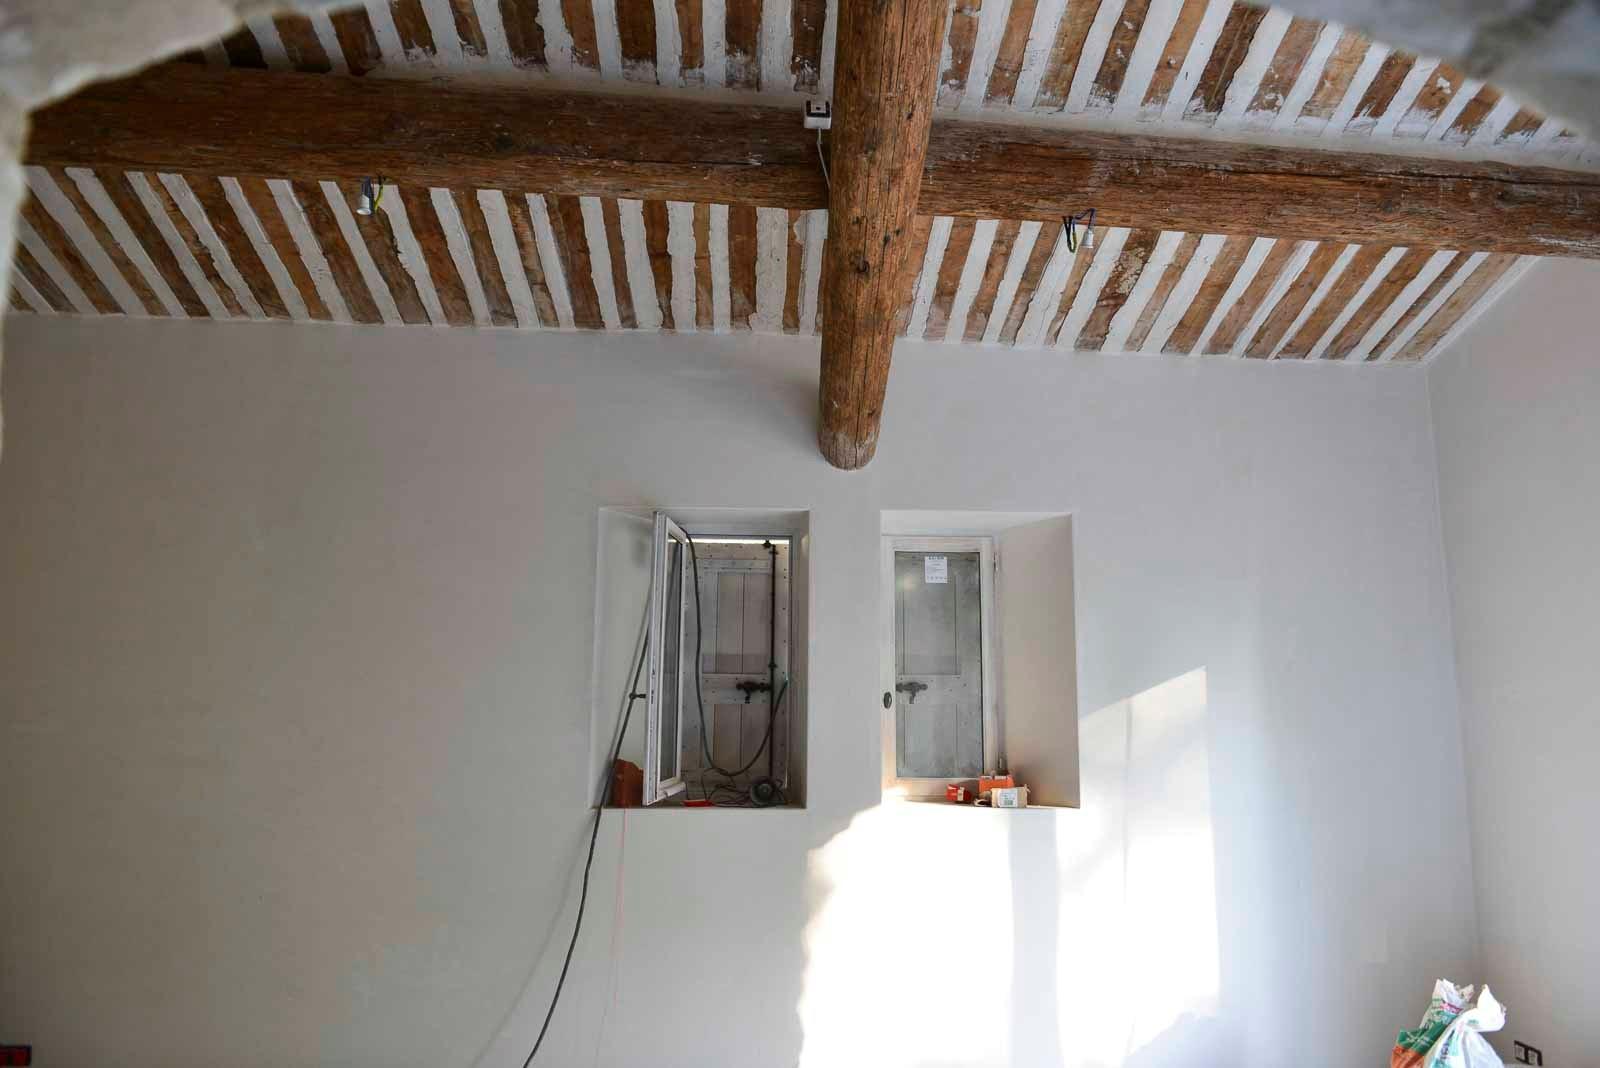 plafond proven al en bois ancien isolation revetement plafond pose menuiserie viguier. Black Bedroom Furniture Sets. Home Design Ideas